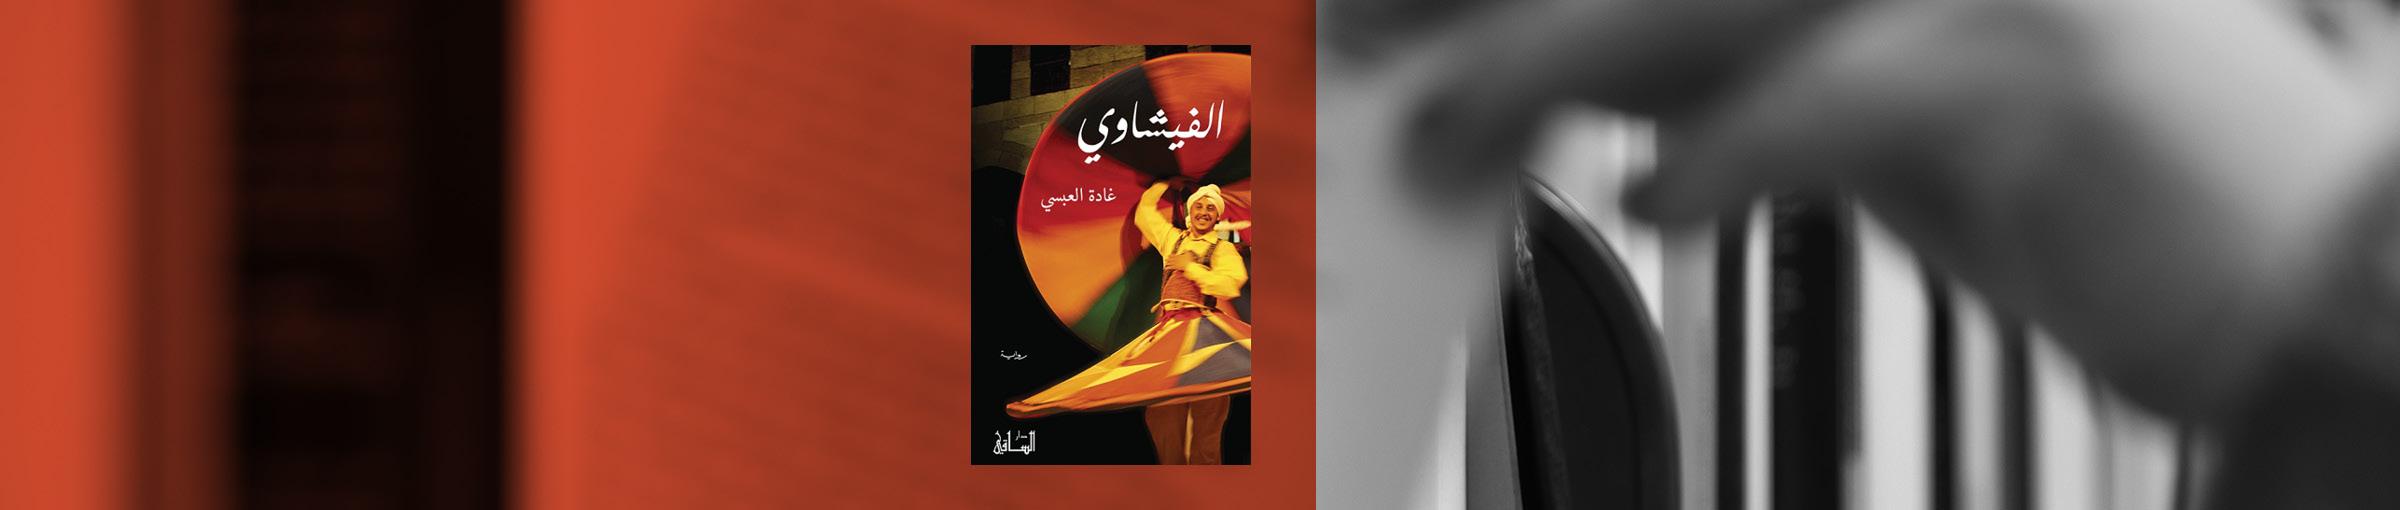 """""""الفيشاوي"""": أكثر من 100 عام و4 ثورات في رواية"""